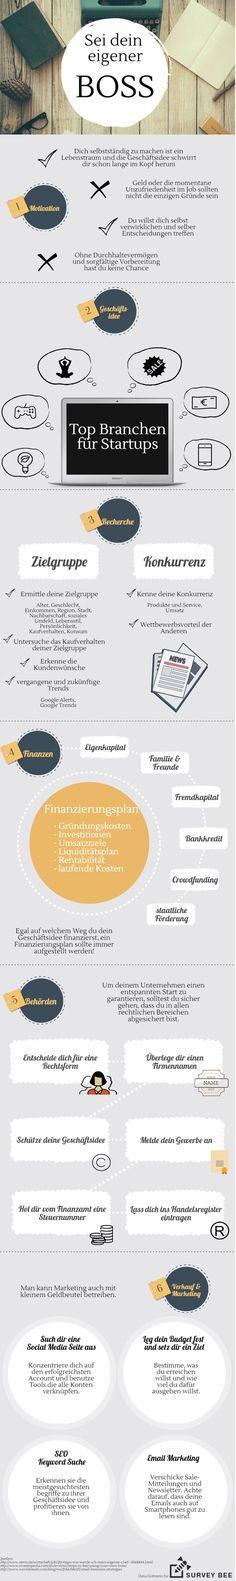 Du willst dich selbstständig machen? Dann schau dir diese Infografik an: http://www.surveybee.de/blog/2016/08/sei-dein-eigener-boss/ #bosslife #startup #unternehmen